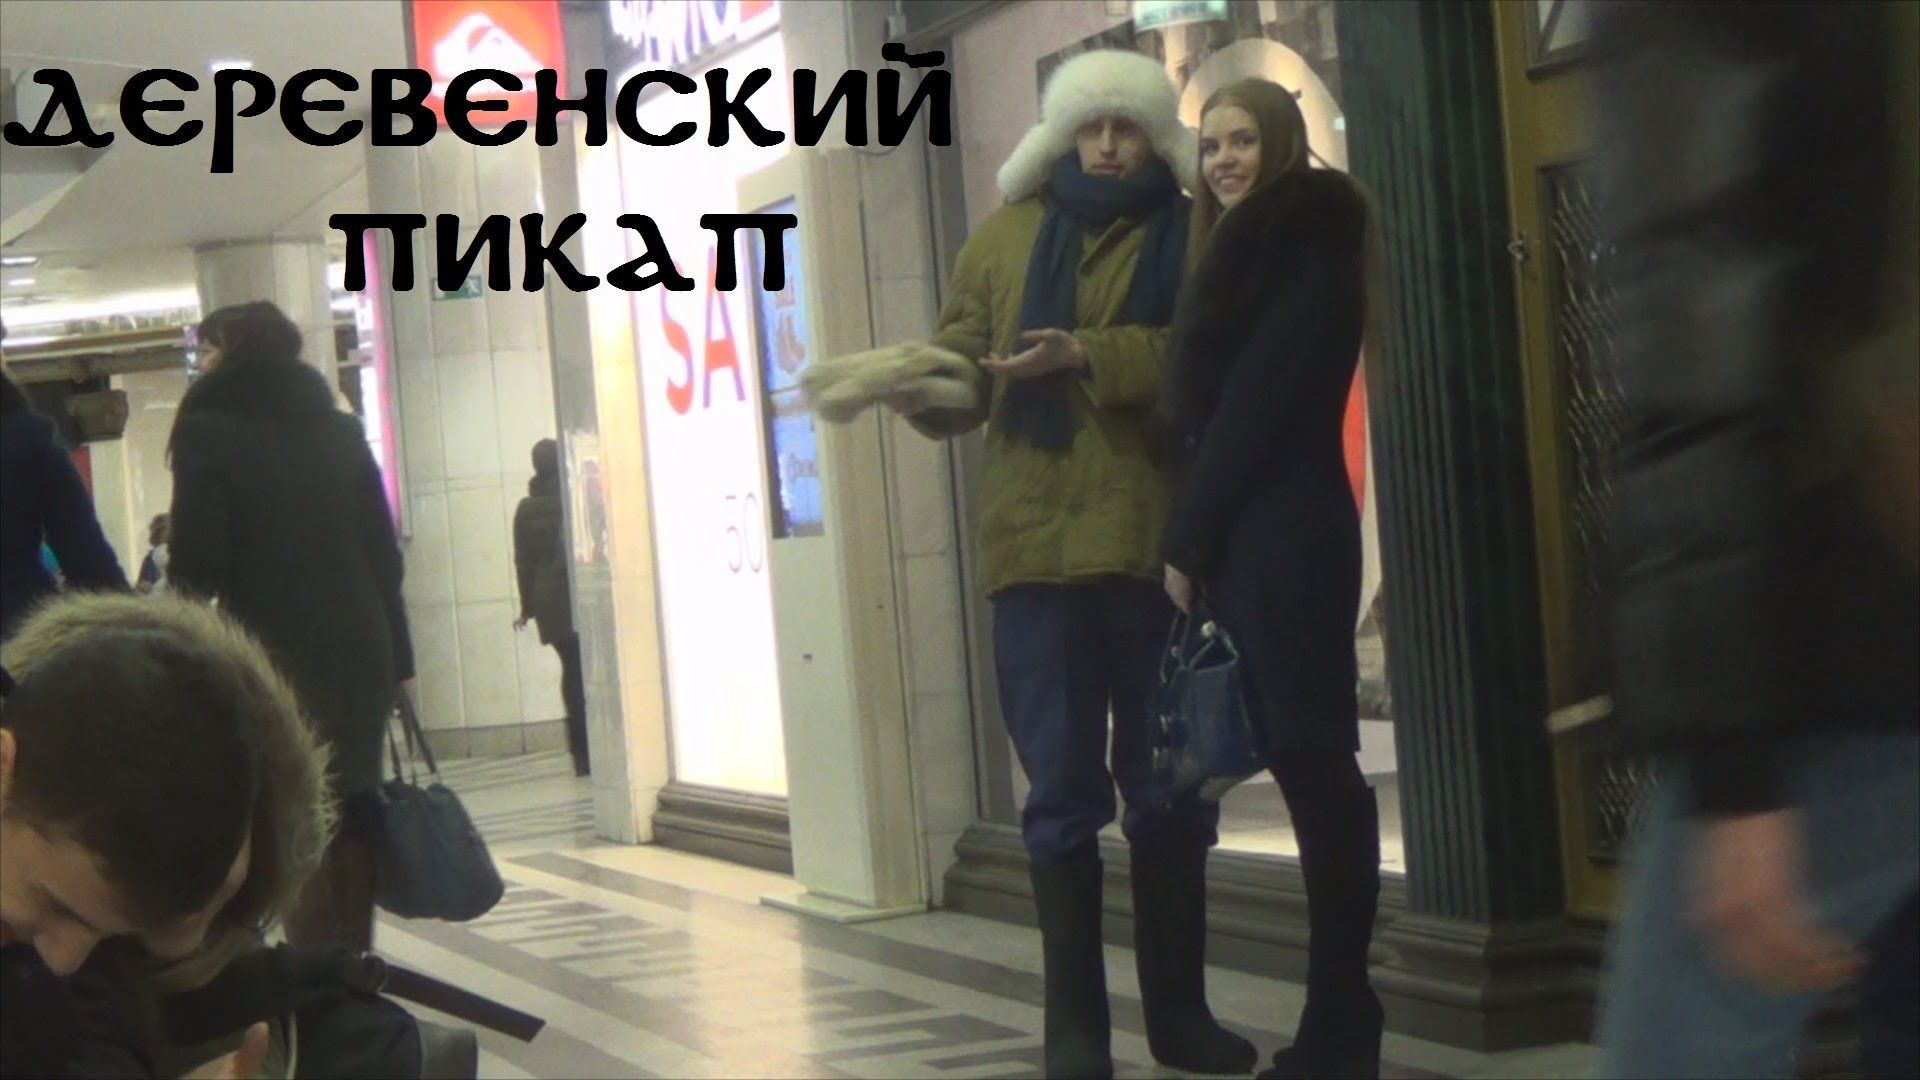 Русский пикап парней девушками на улице, Пикап порно онлайн, секс пикаперов на 24 видео 5 фотография